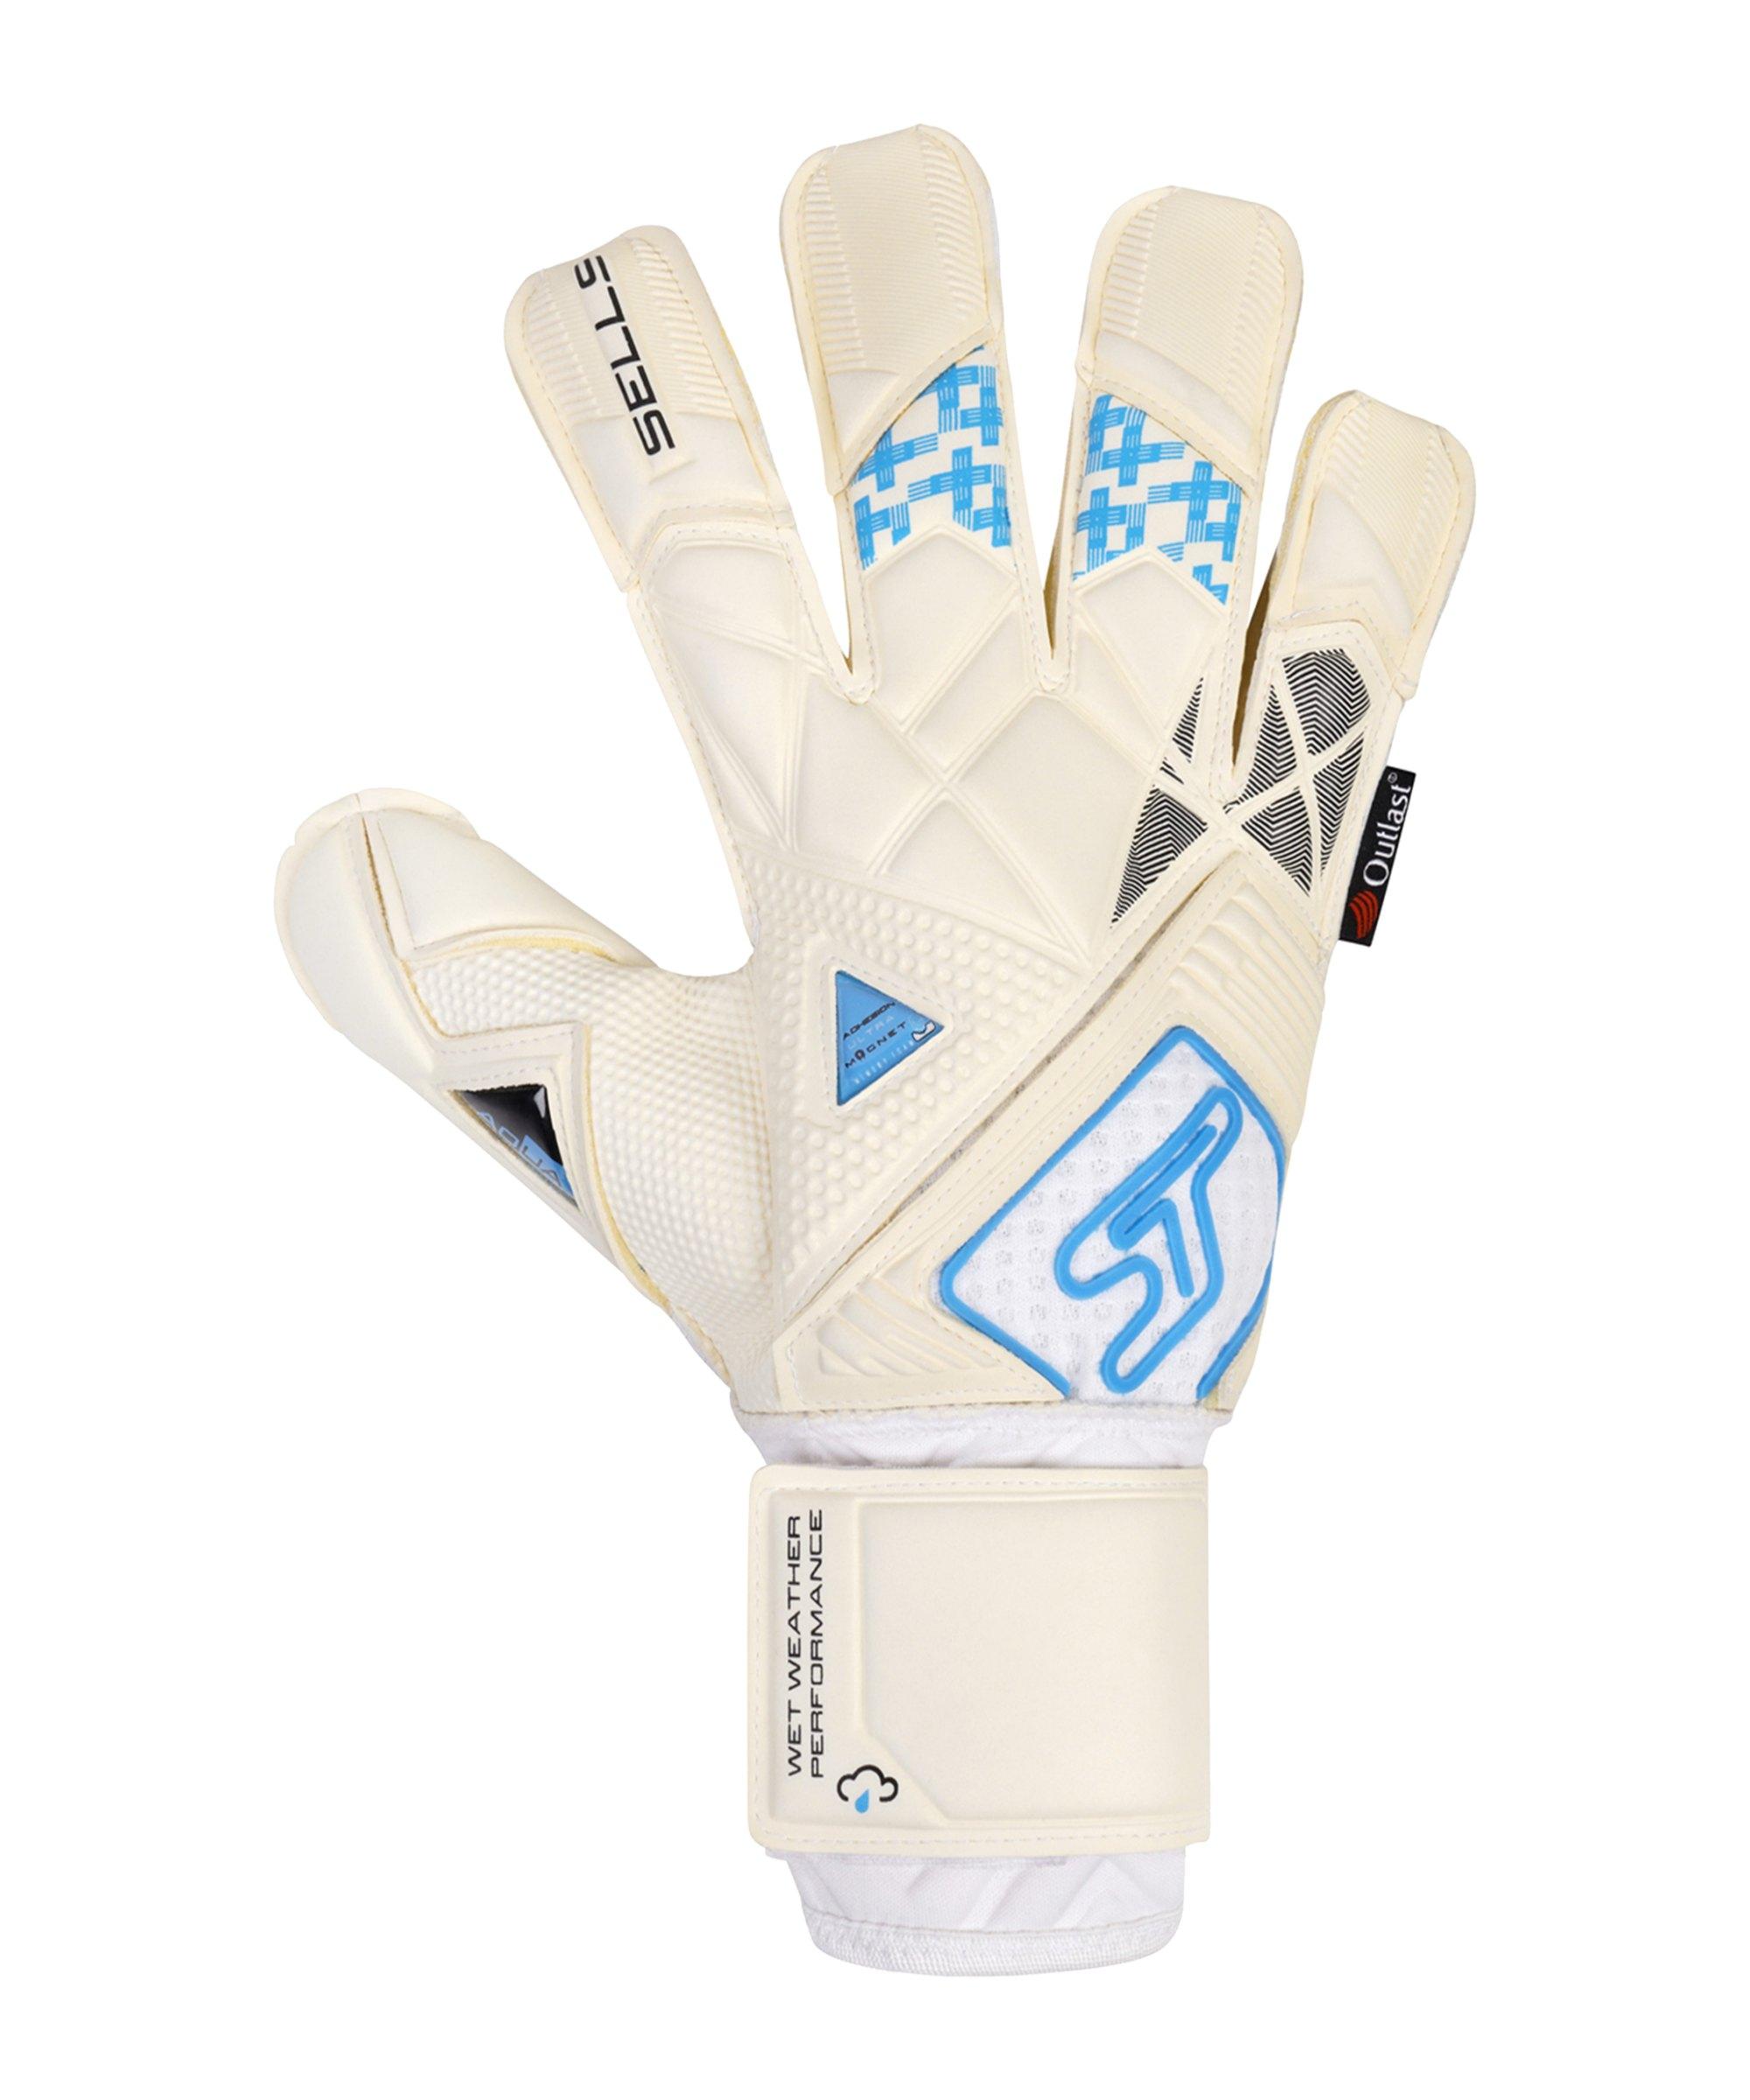 Sells Total Contact Aqua Ultimate TW-Handschuh Weiss Schwarz Blau - weiss